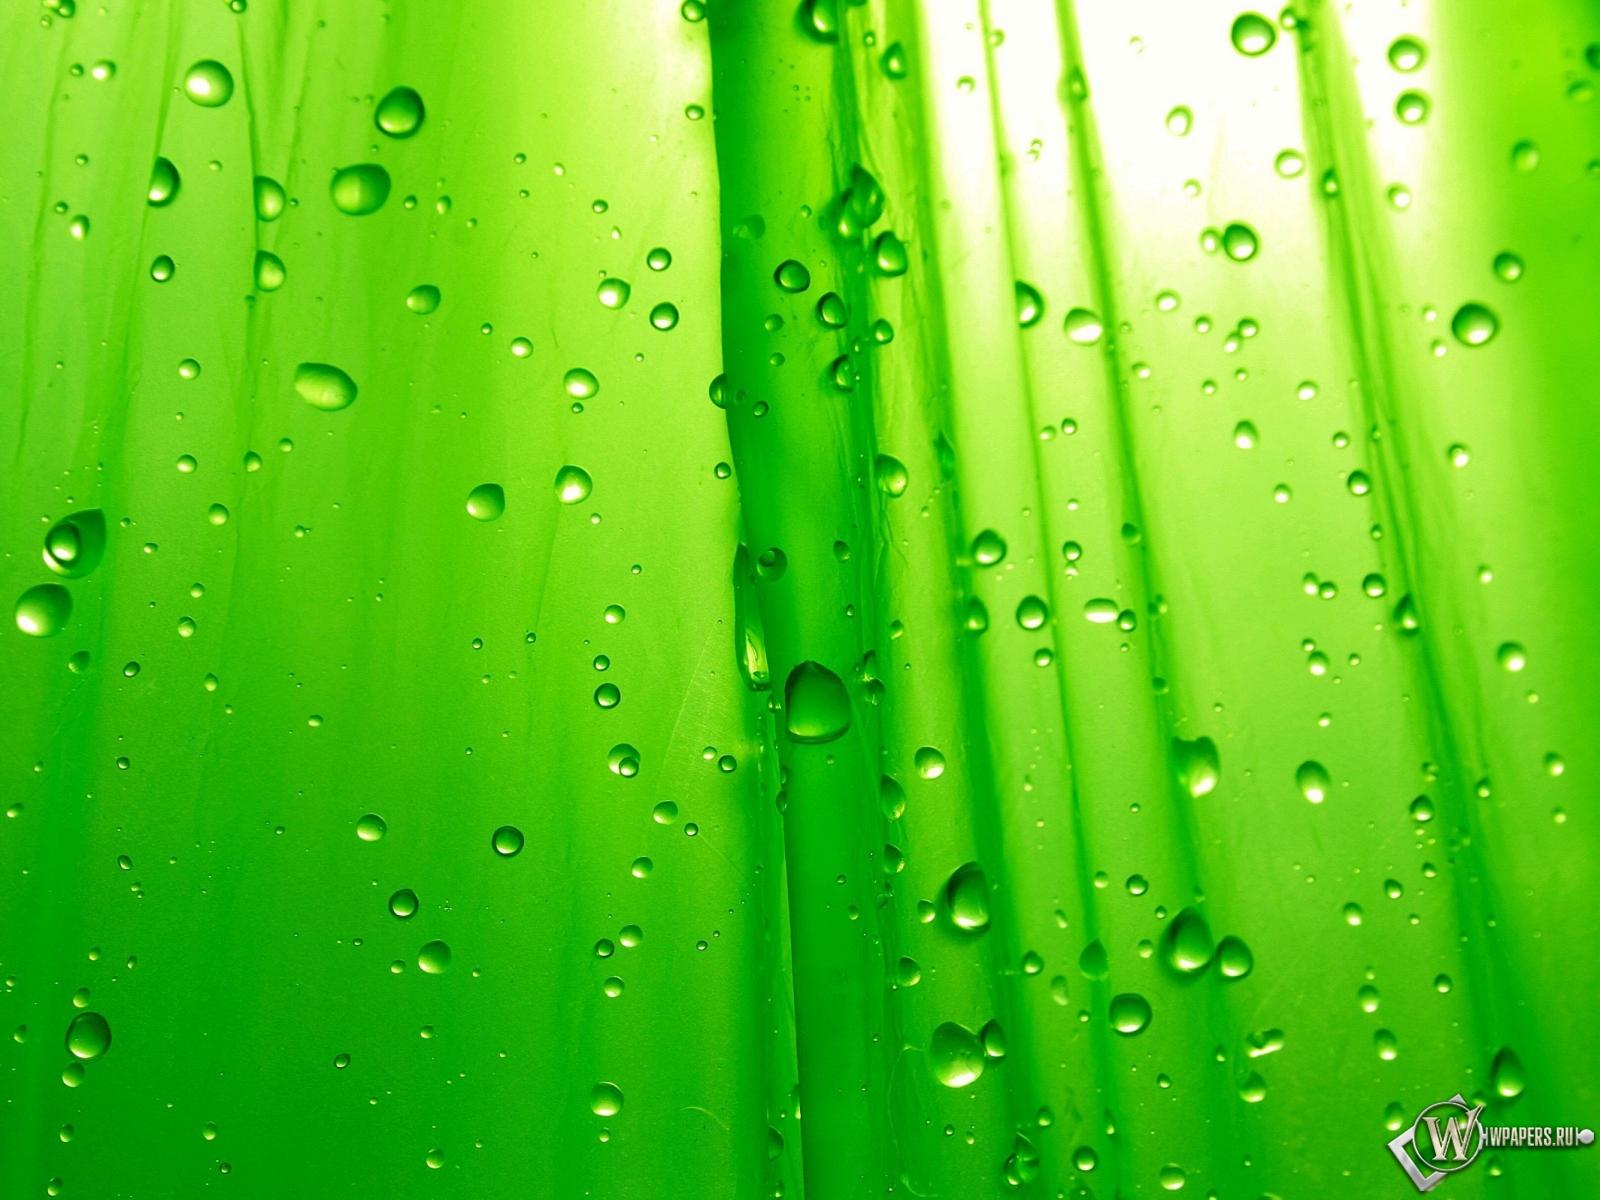 Зелёный фон 1600x1200